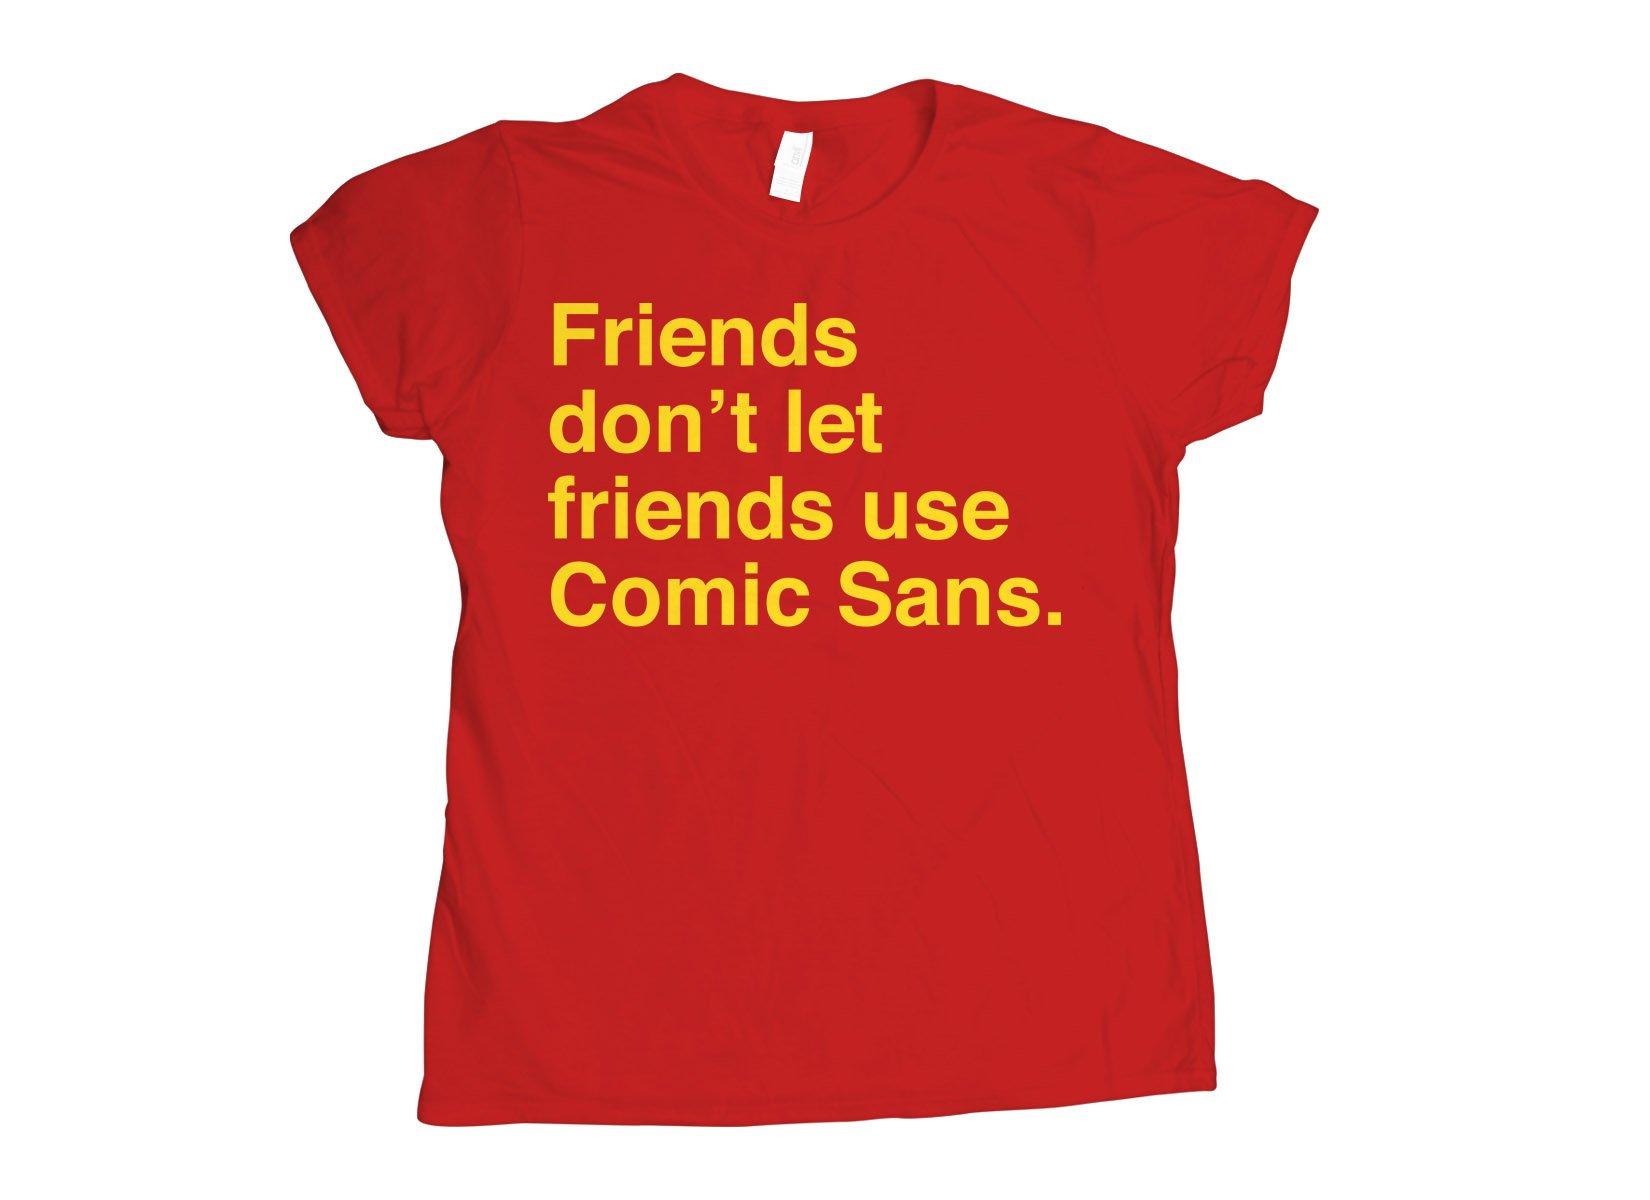 Friends Don't Let Friends Use Comic Sans on Womens T-Shirt